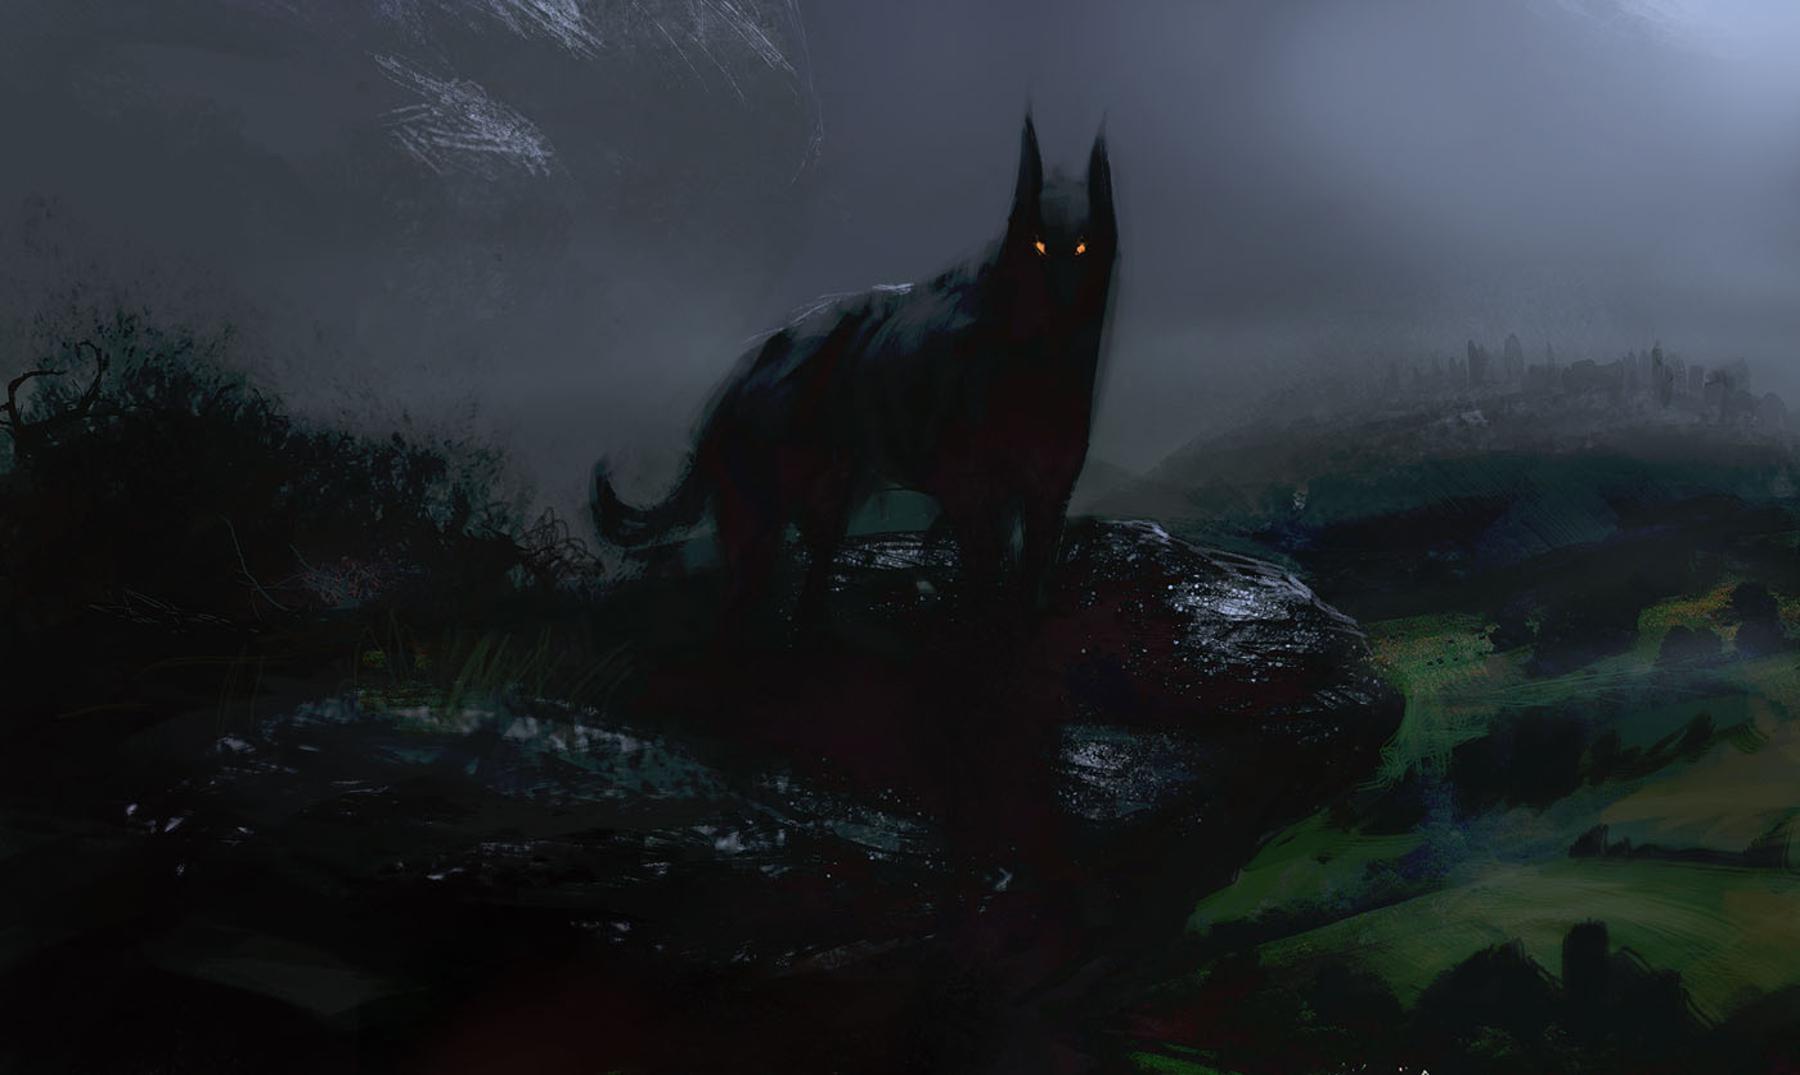 la-leyenda-de-los-perros-negros